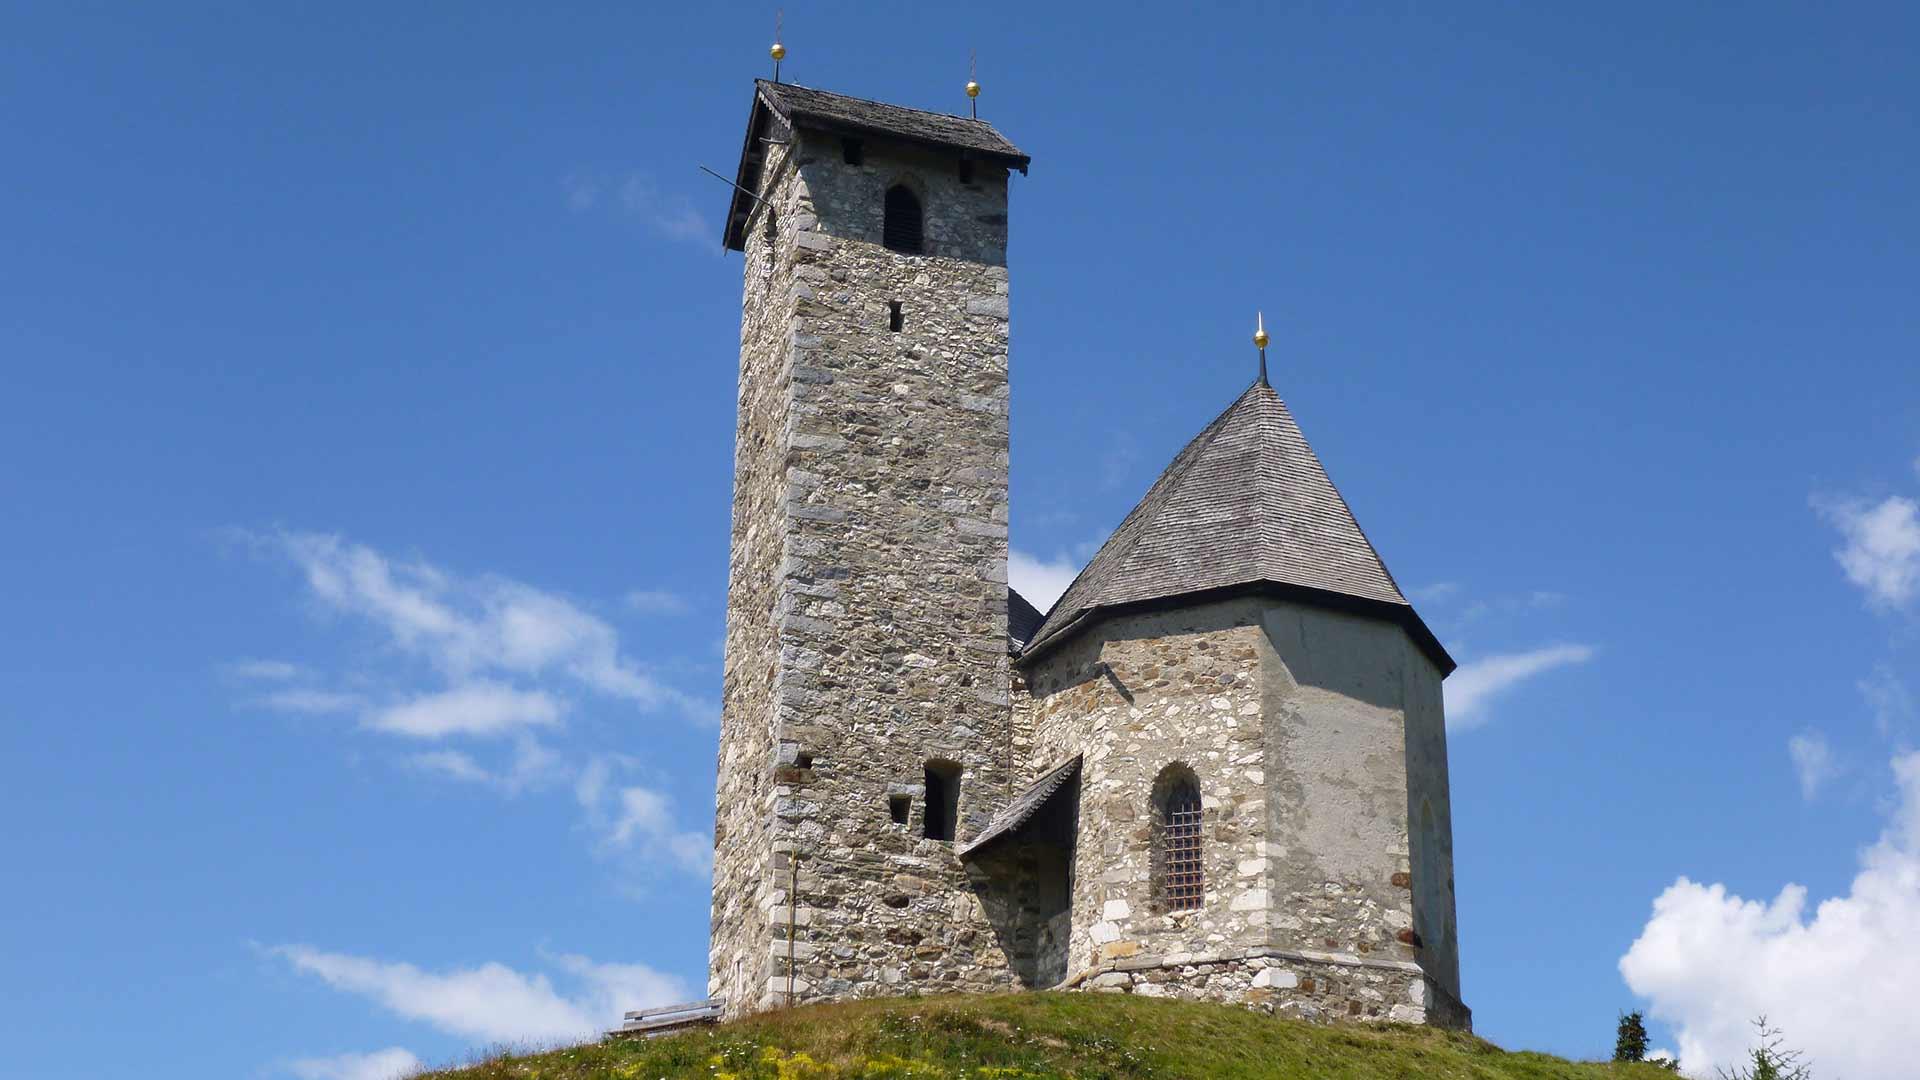 La chiesetta di San Vigilio a Monte San Vigilio presso Lana